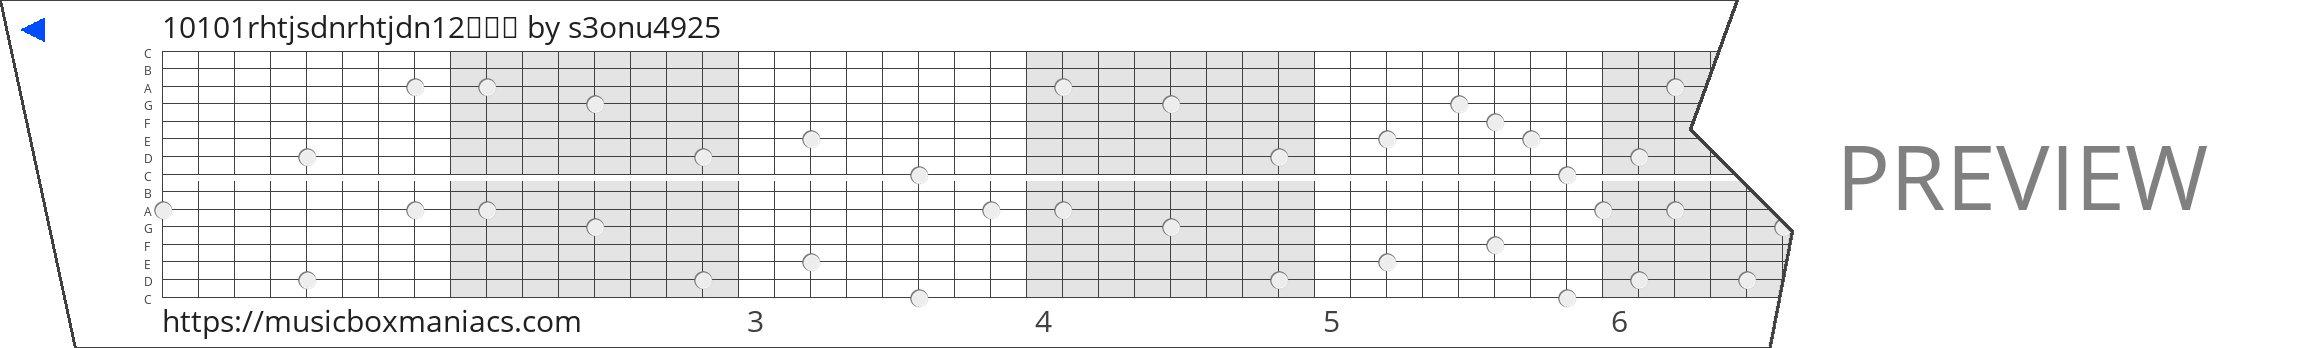 10101rhtjsdnrhtjdn12고선우 15 note music box paper strip